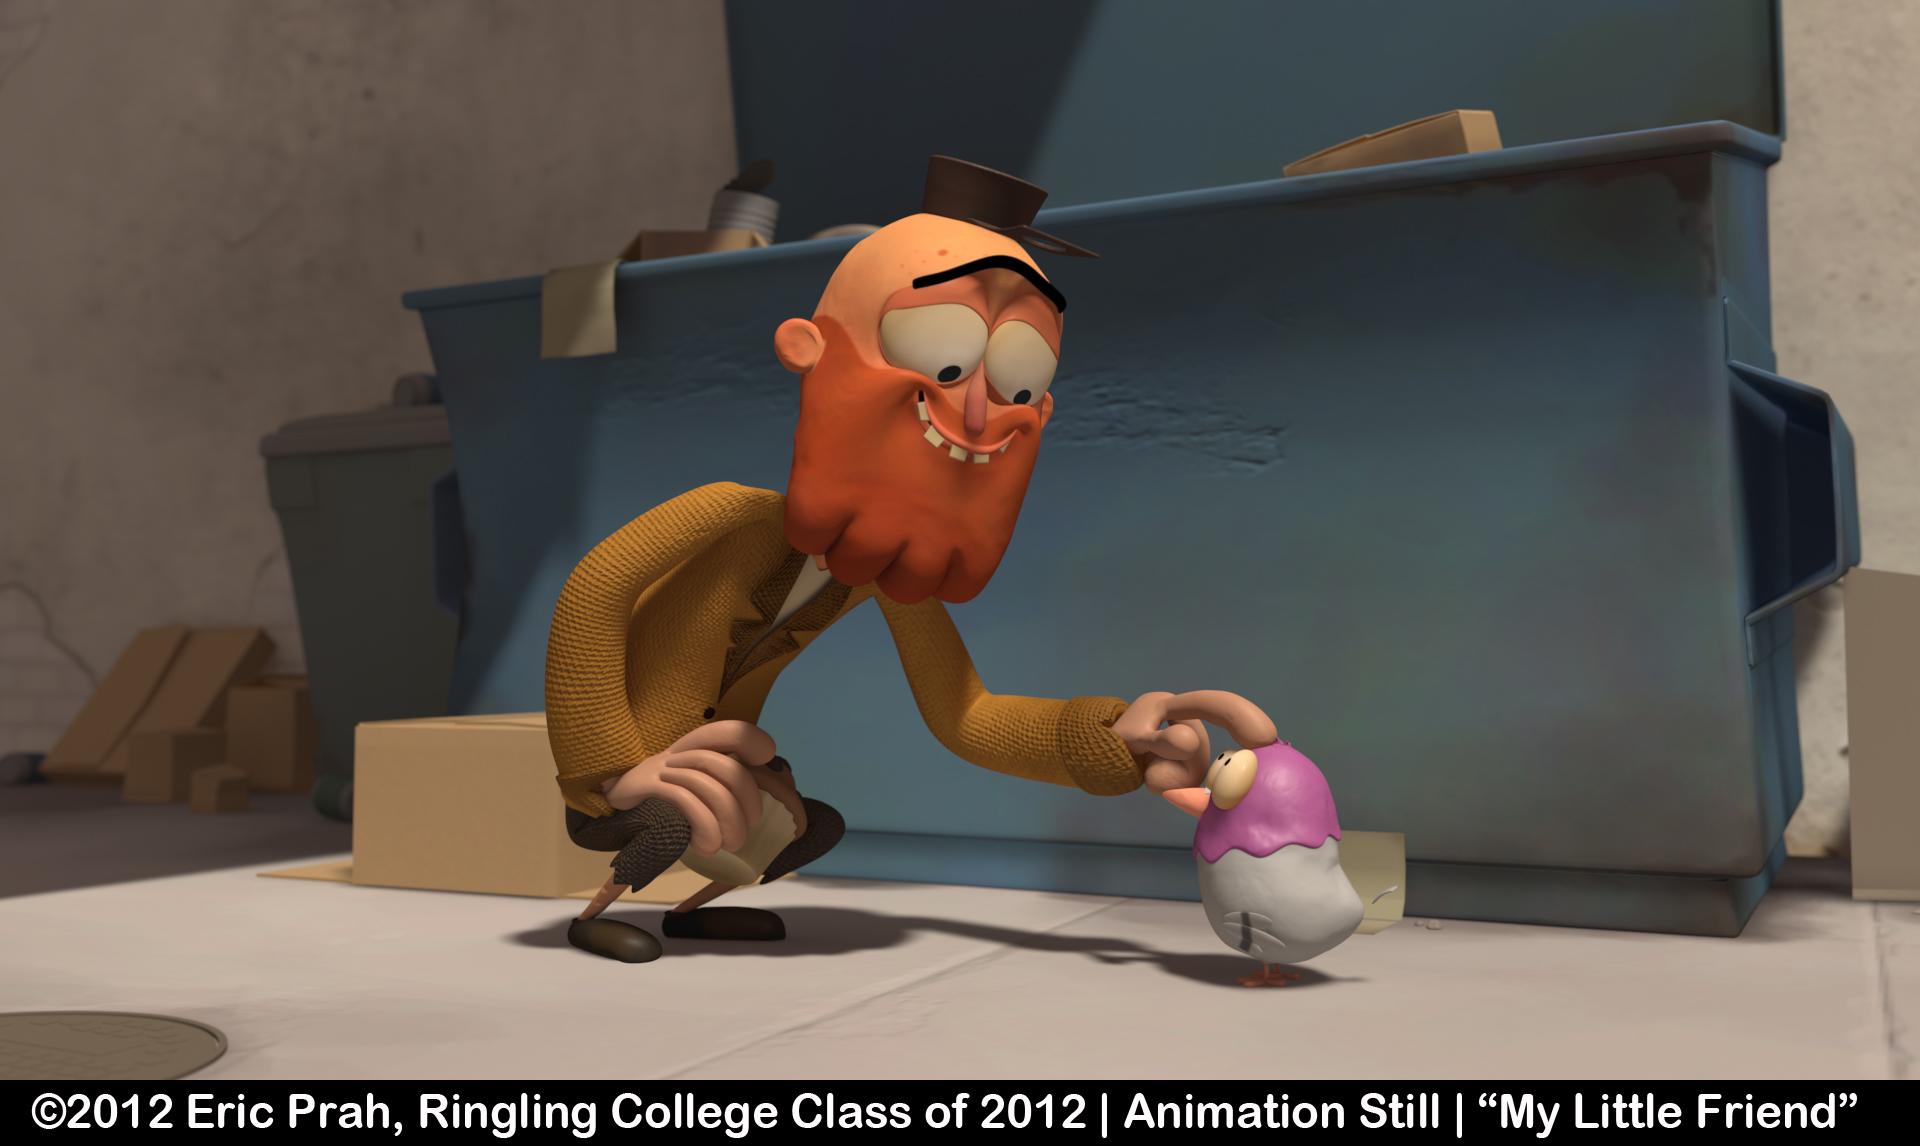 mica senior thesis animation Mica senior thesis animation mica senior thesis animation – mica senior thesis animation.